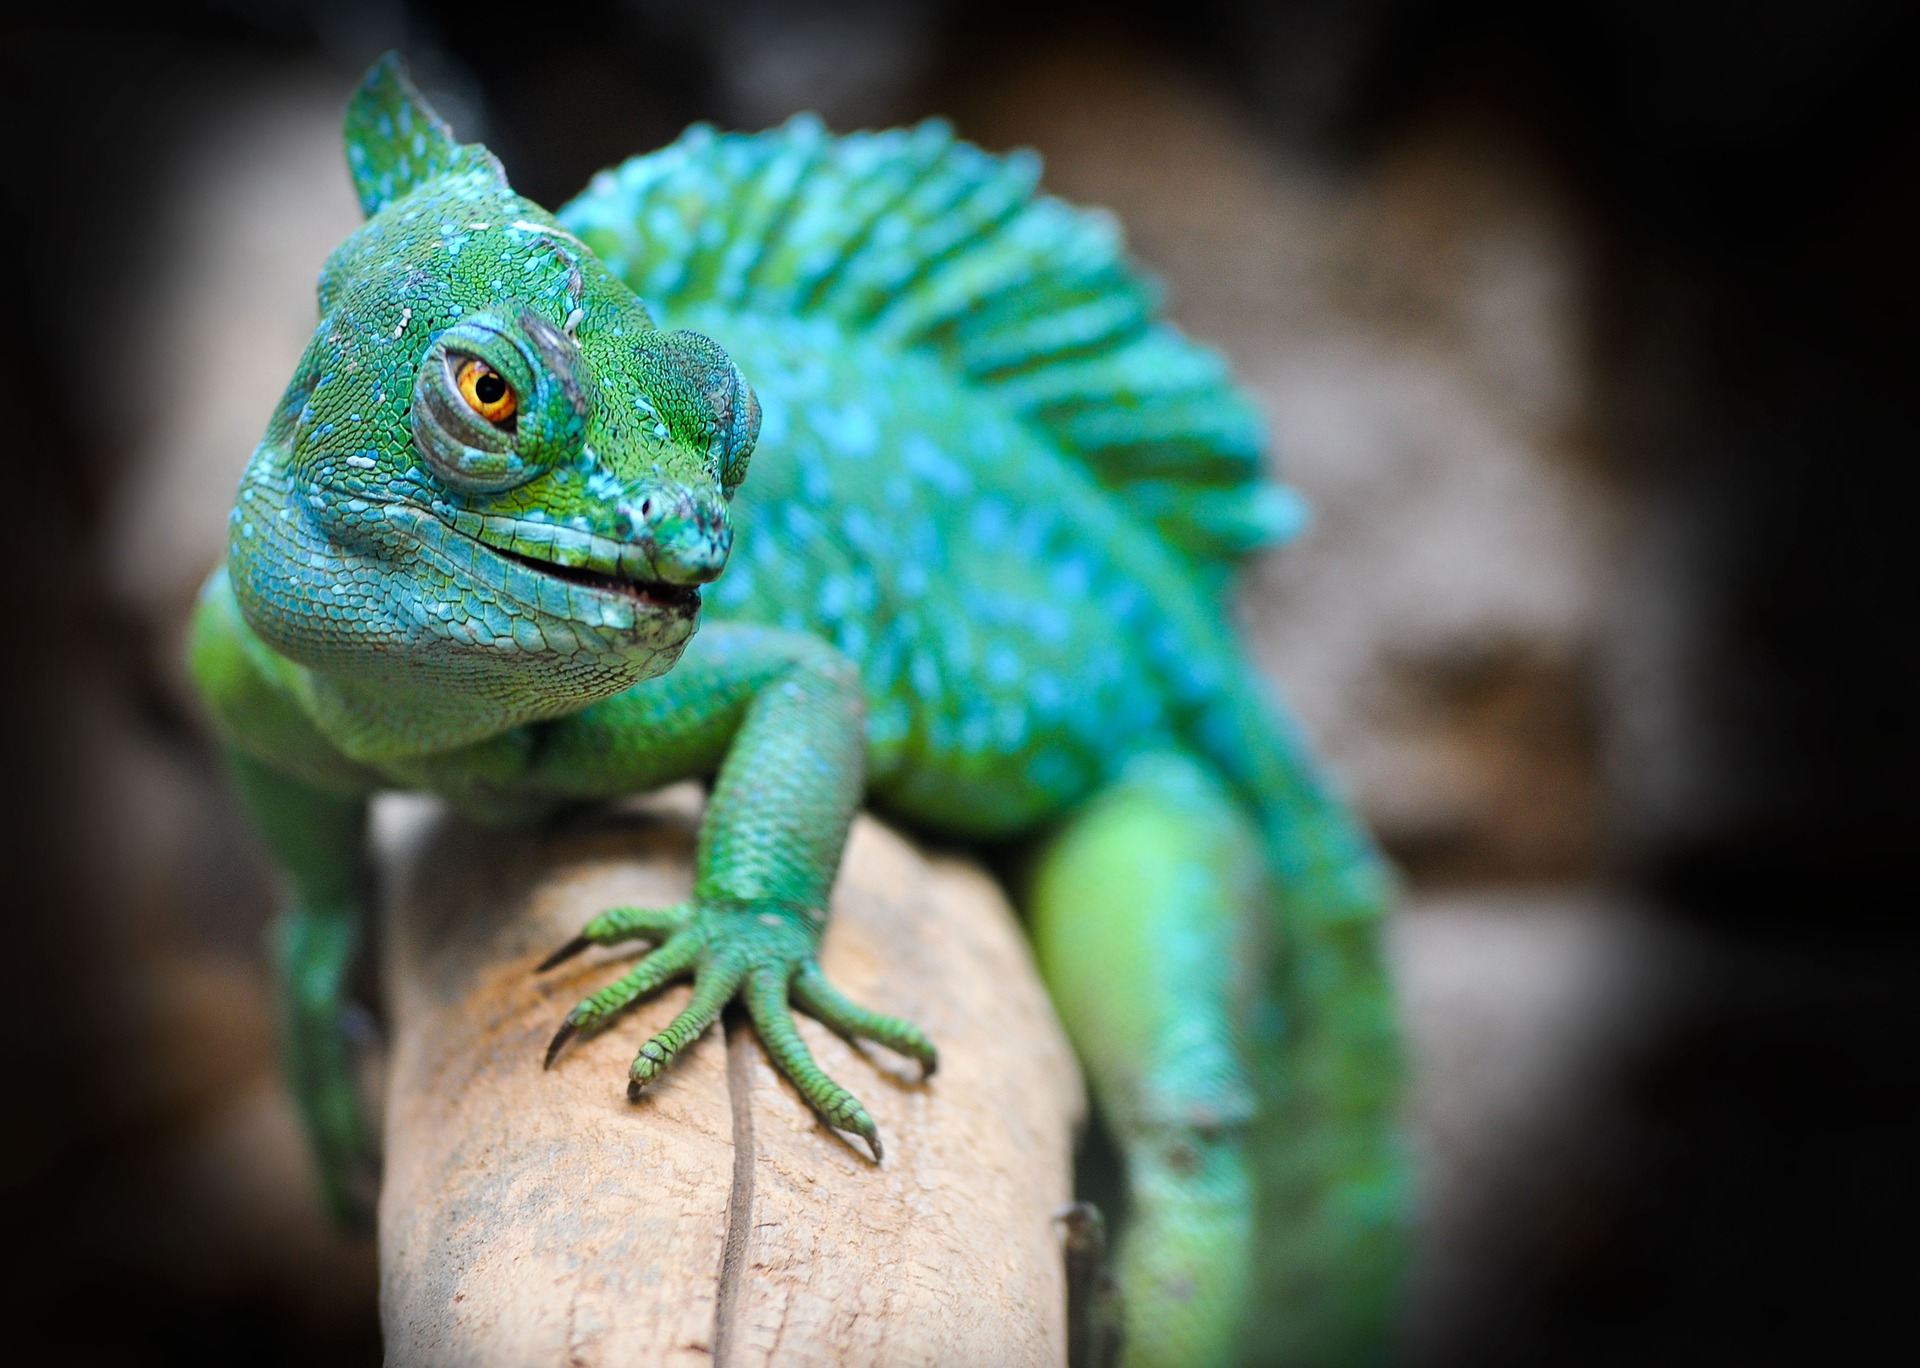 reptile 2042906 1920